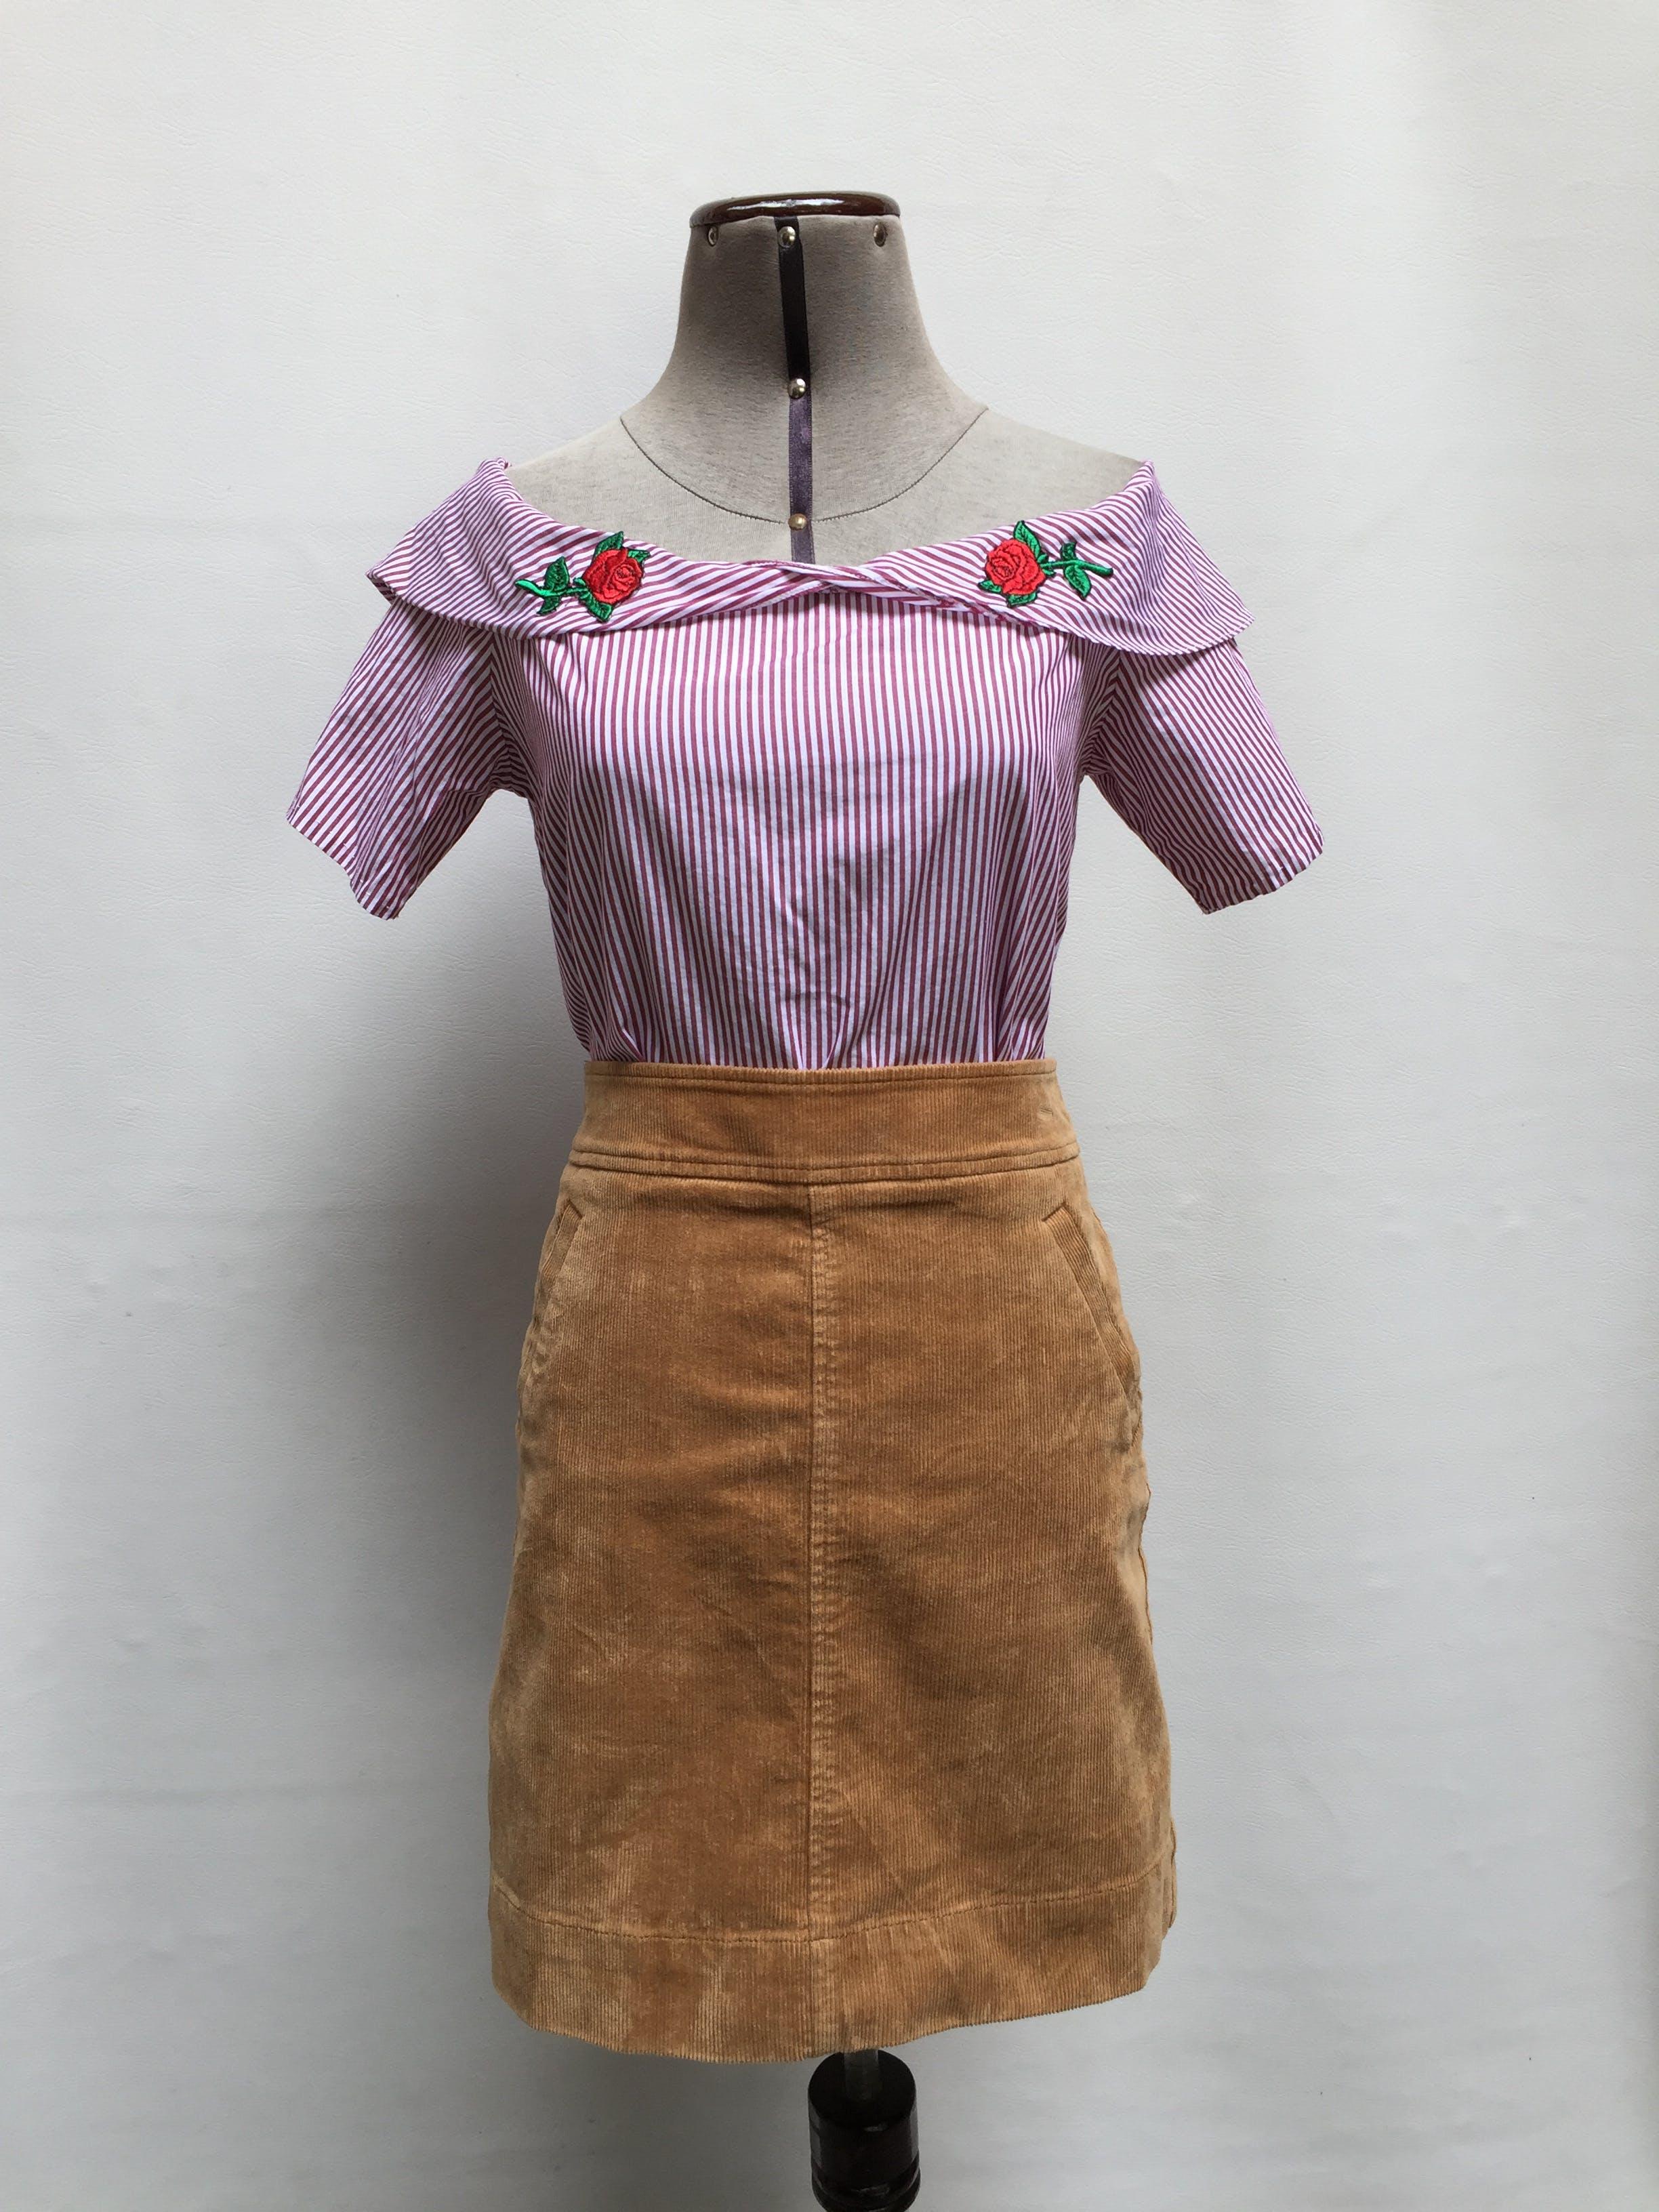 Blusa Moda & Cia a rayas guindas y blancas, cuello bote con volante y aplicaciones de flores Talla XS/S (1)